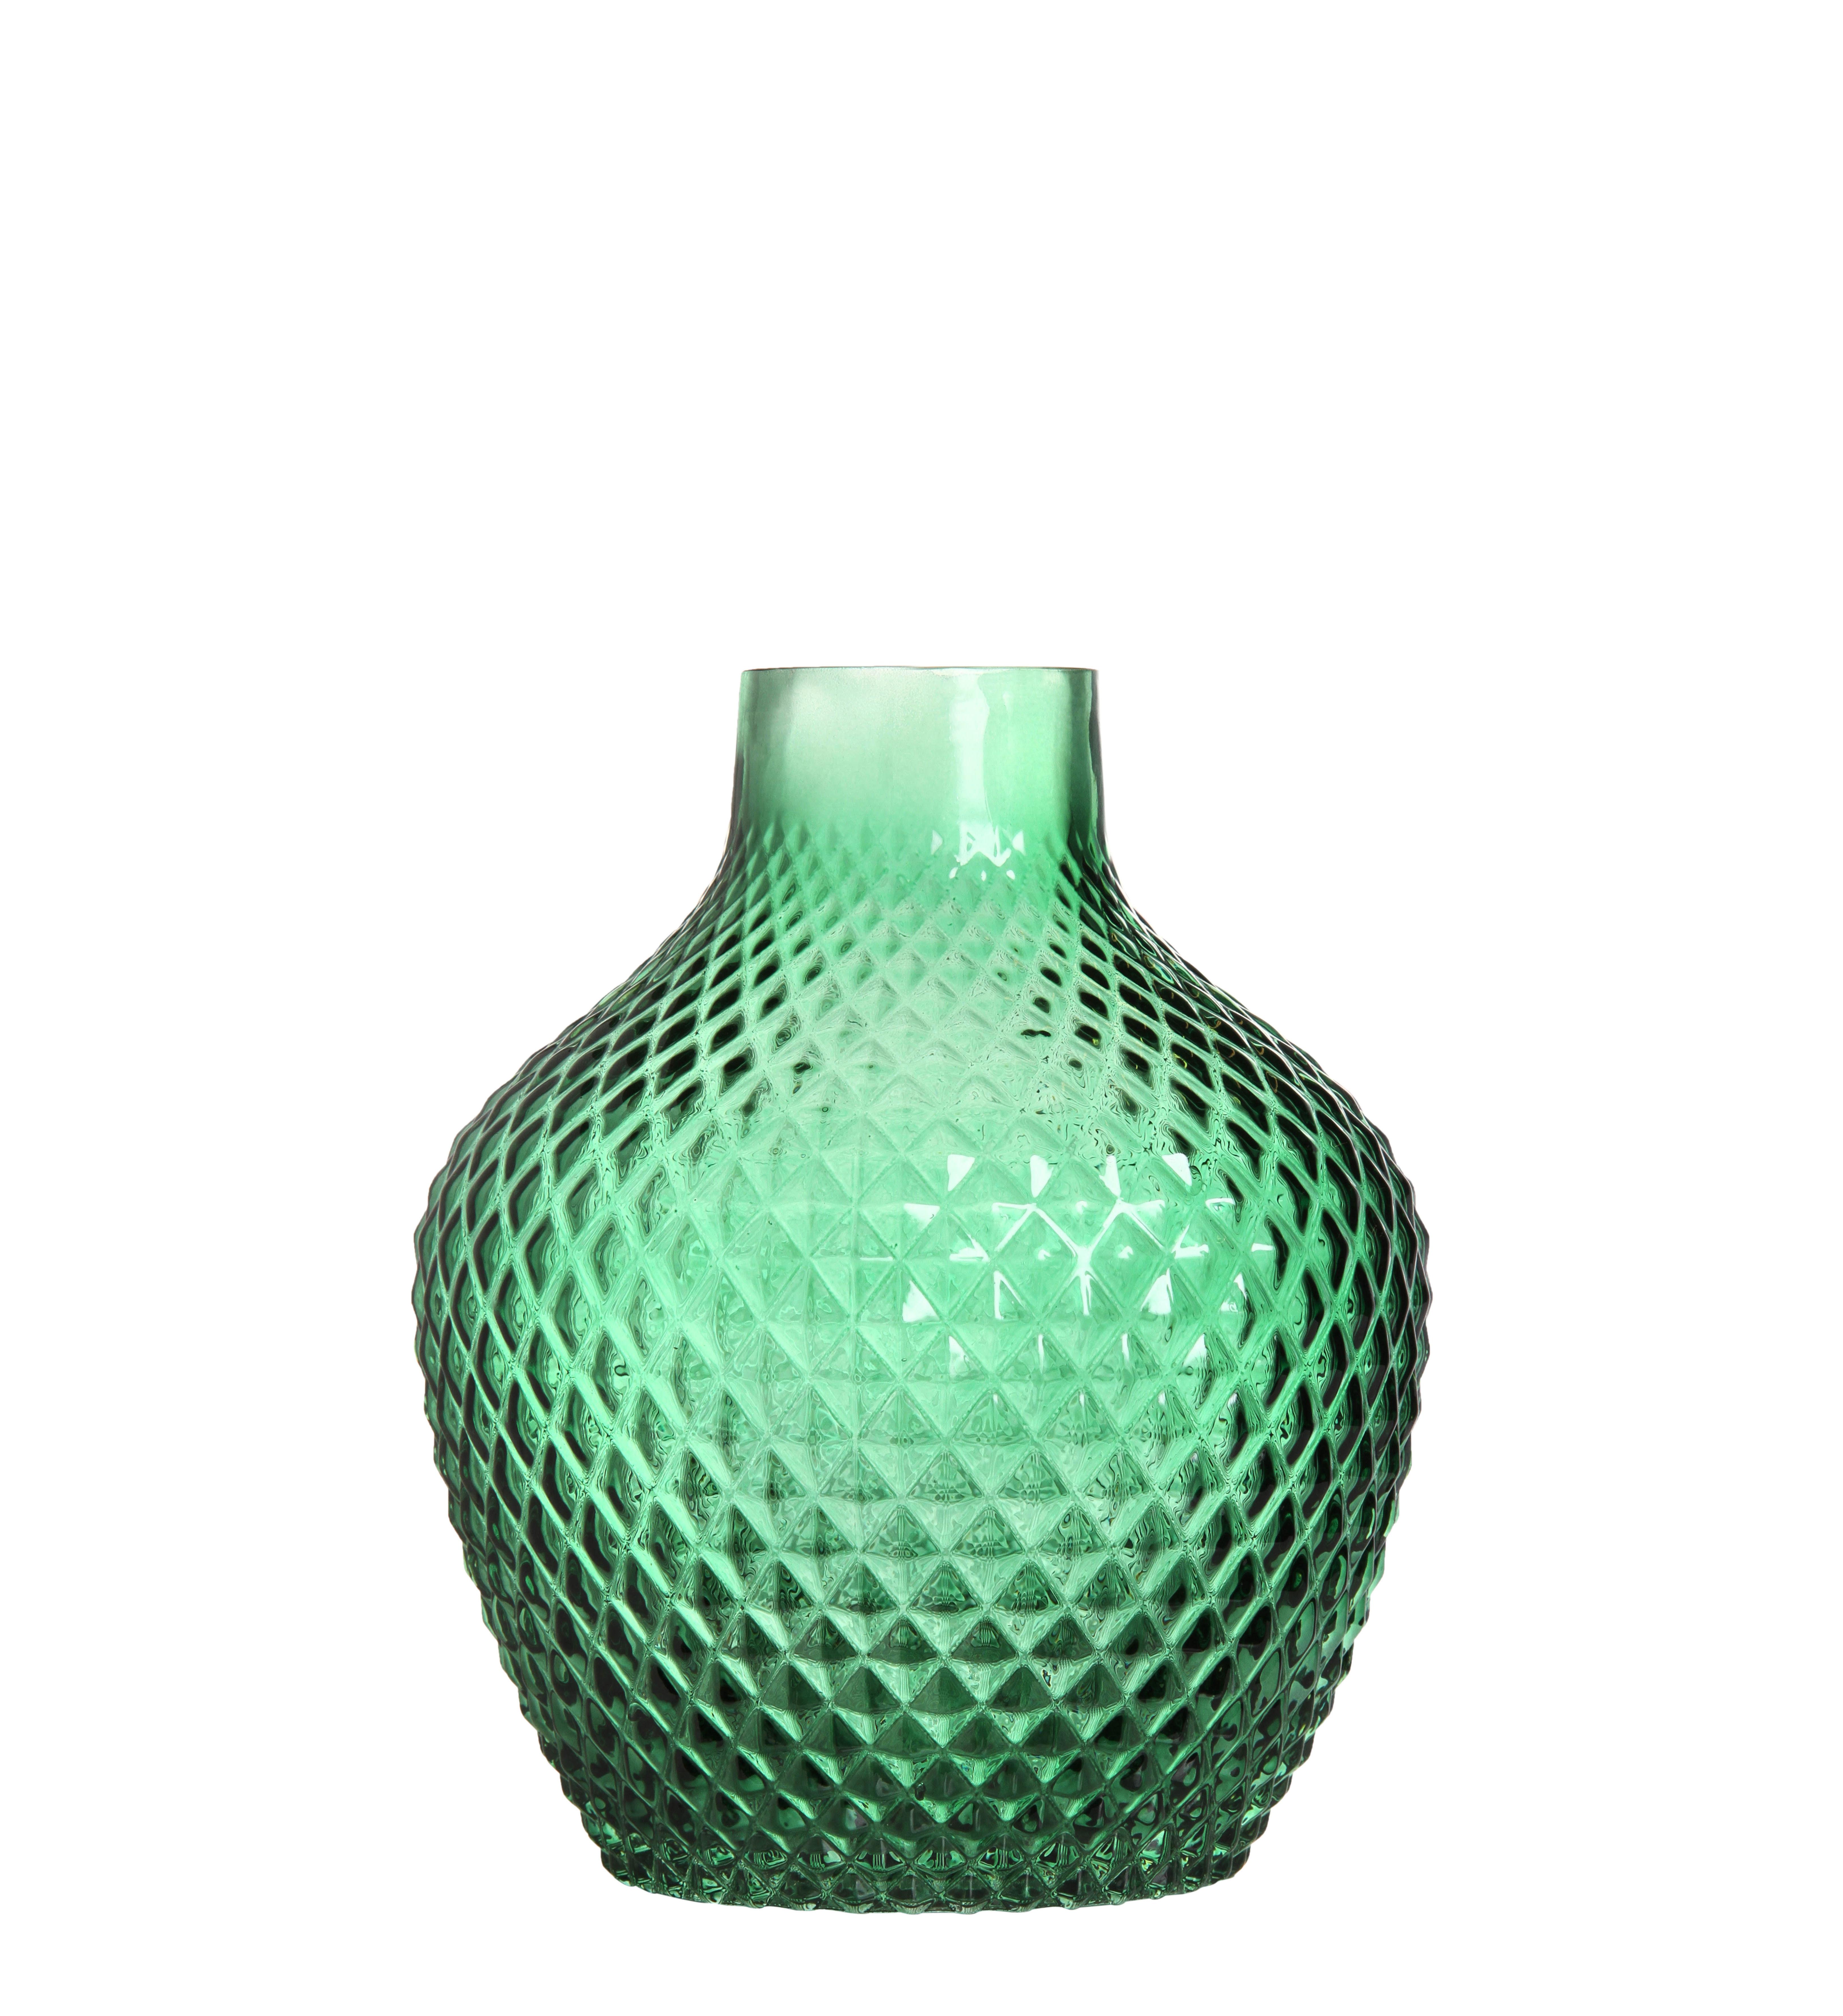 Interni - Vasi - Vaso 70 Round - / Ø 17 x H 20 cm di & klevering - Verde - Vetro